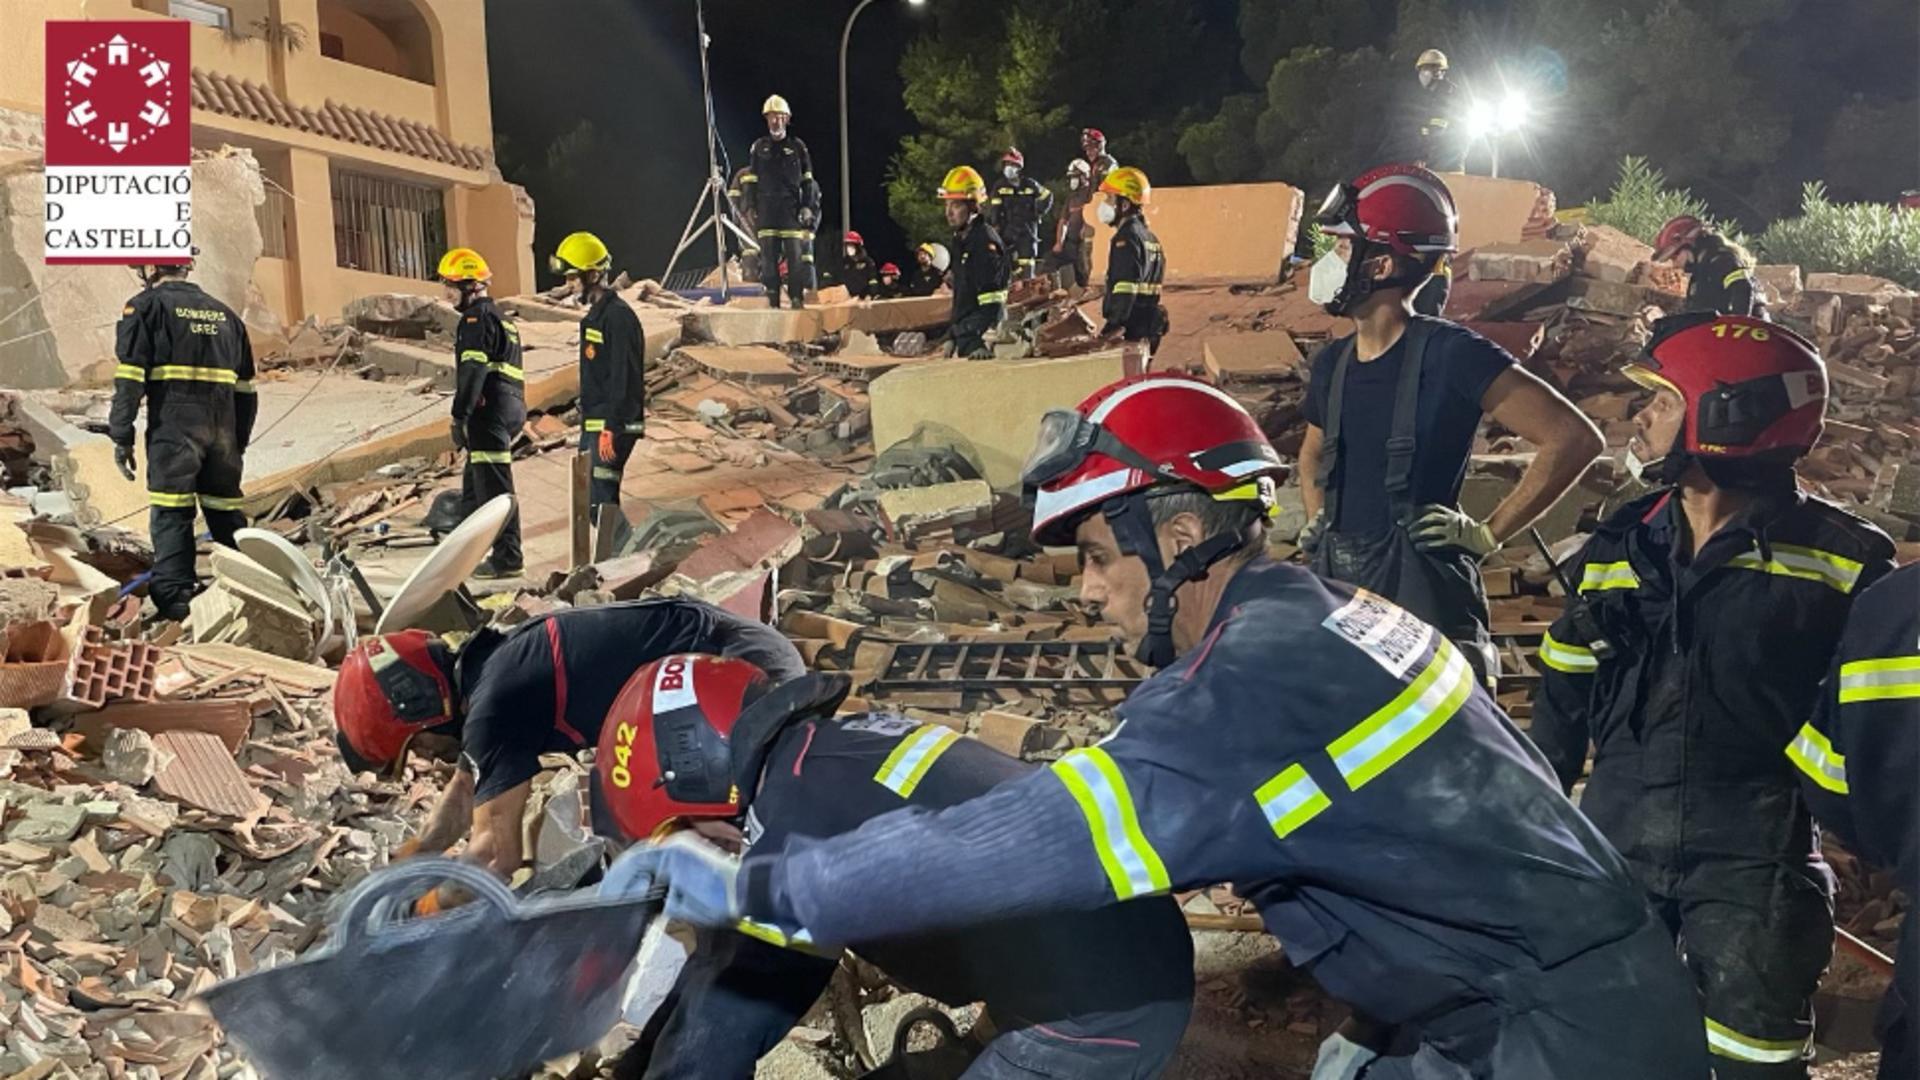 Clădire prăbușită Spania / Foto: Twitter CPBC